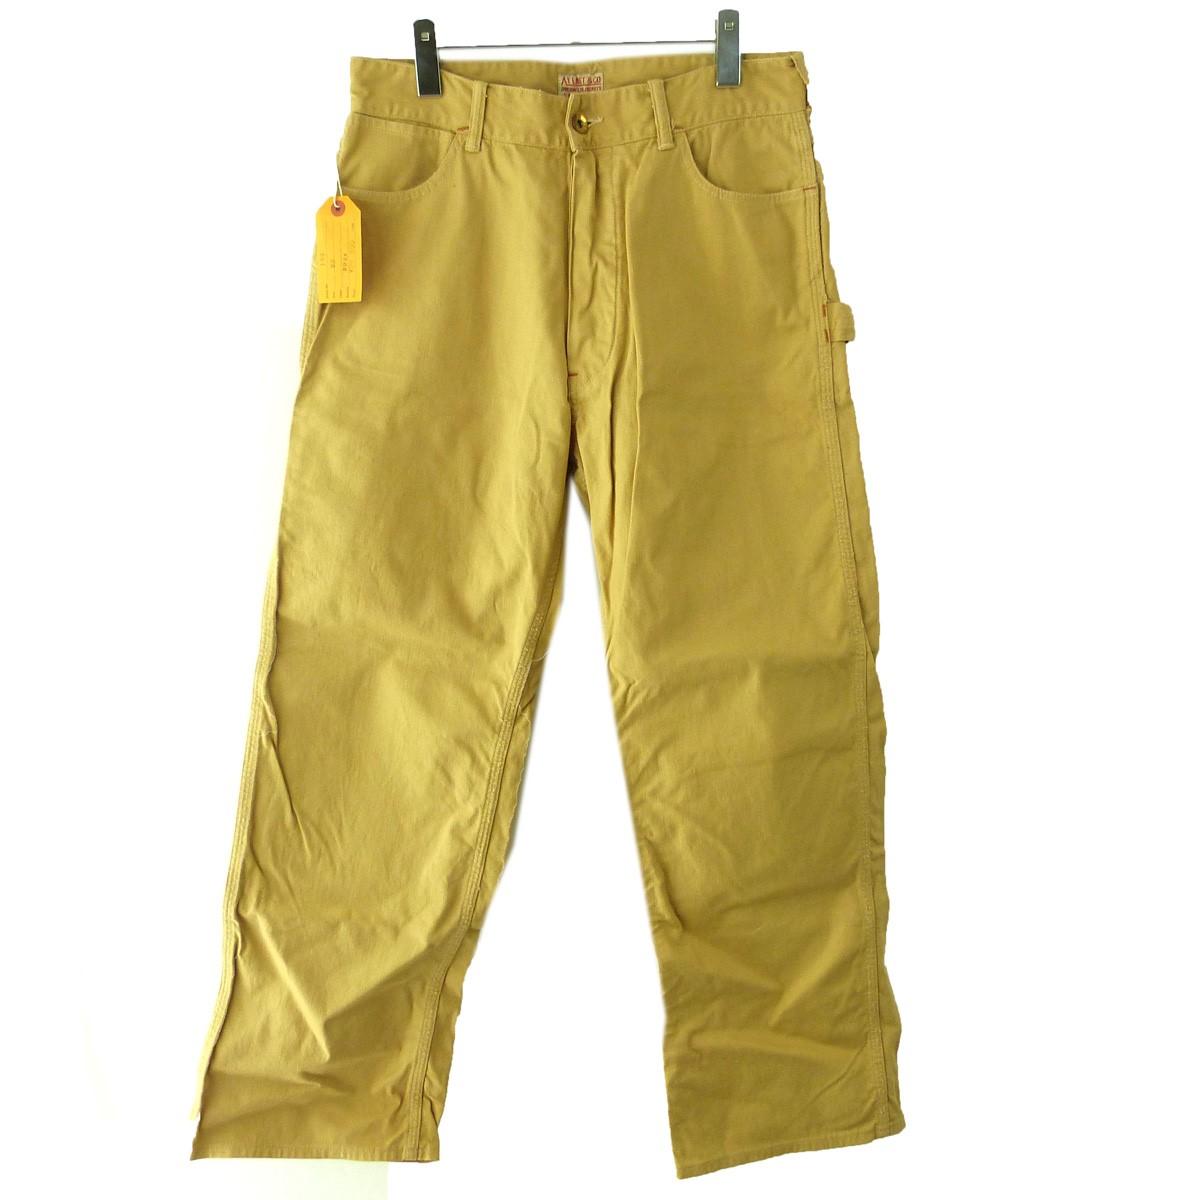 メンズファッション, ズボン・パンツ ATLASTCO DUCK PAINTER 32 171019